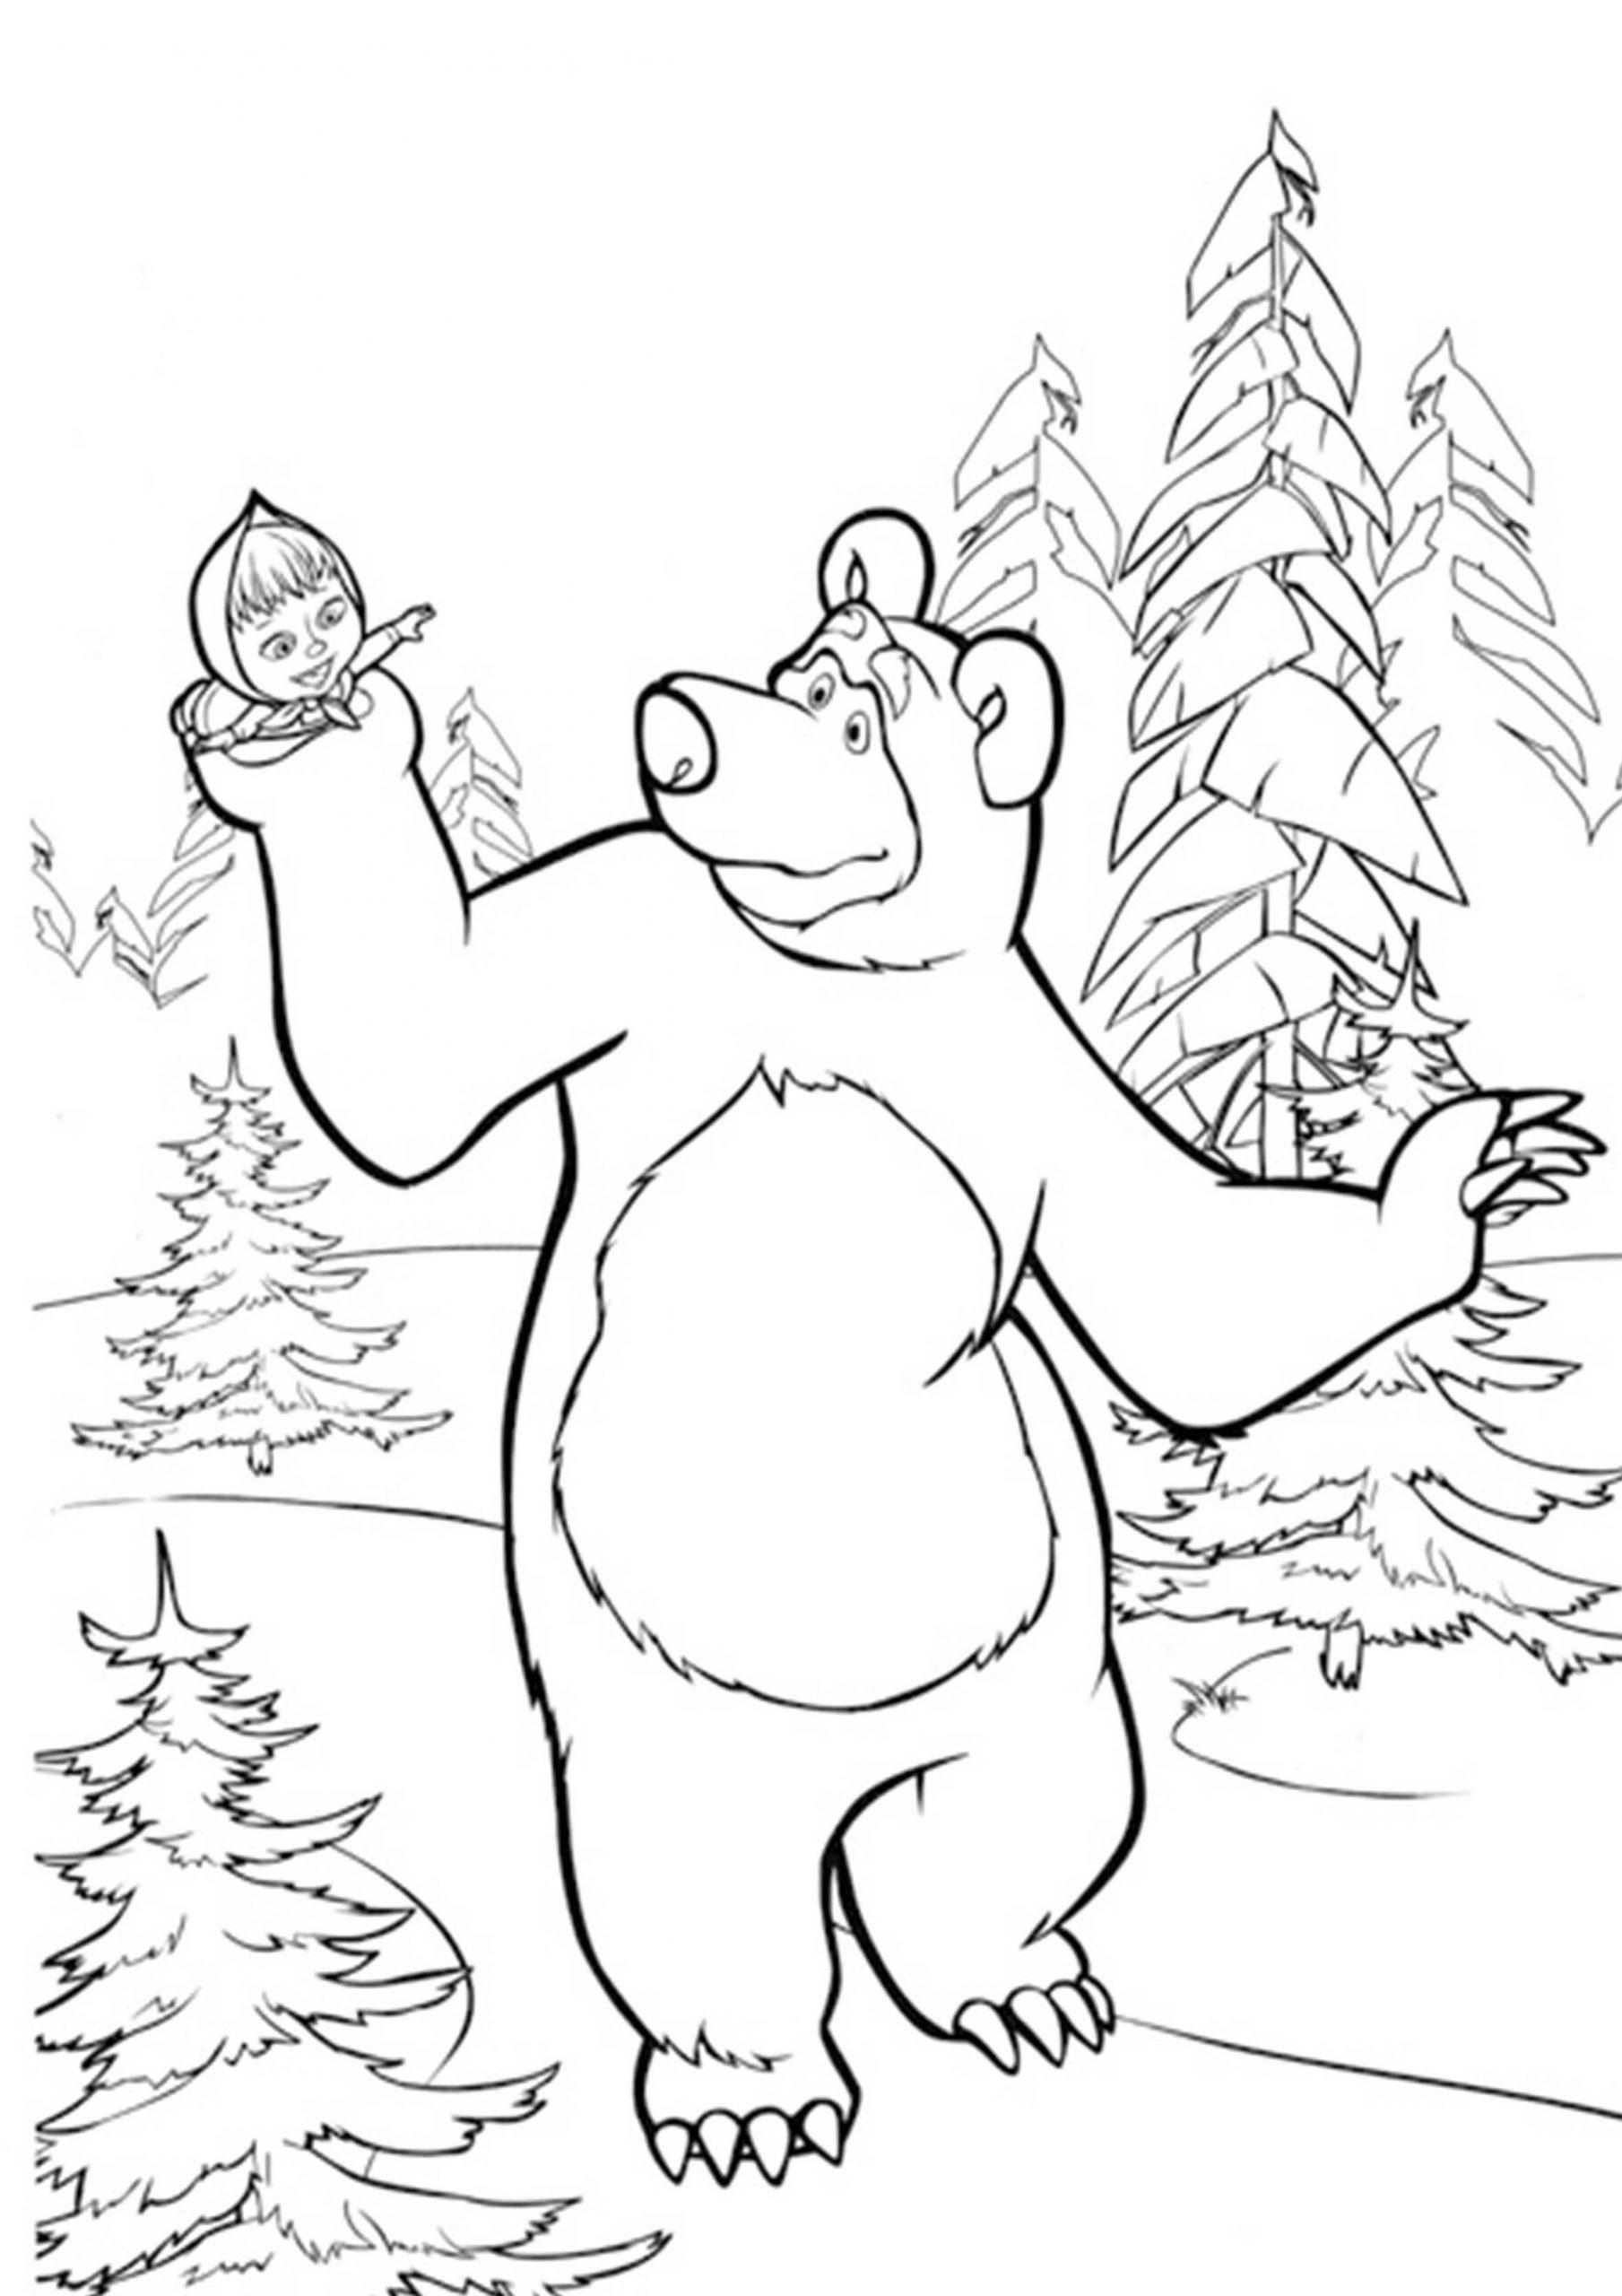 Ausmalbilder Mascha Und Der Bär 17   Ausmalbilder Zum Ausdrucken bei Bär Zum Ausmalen